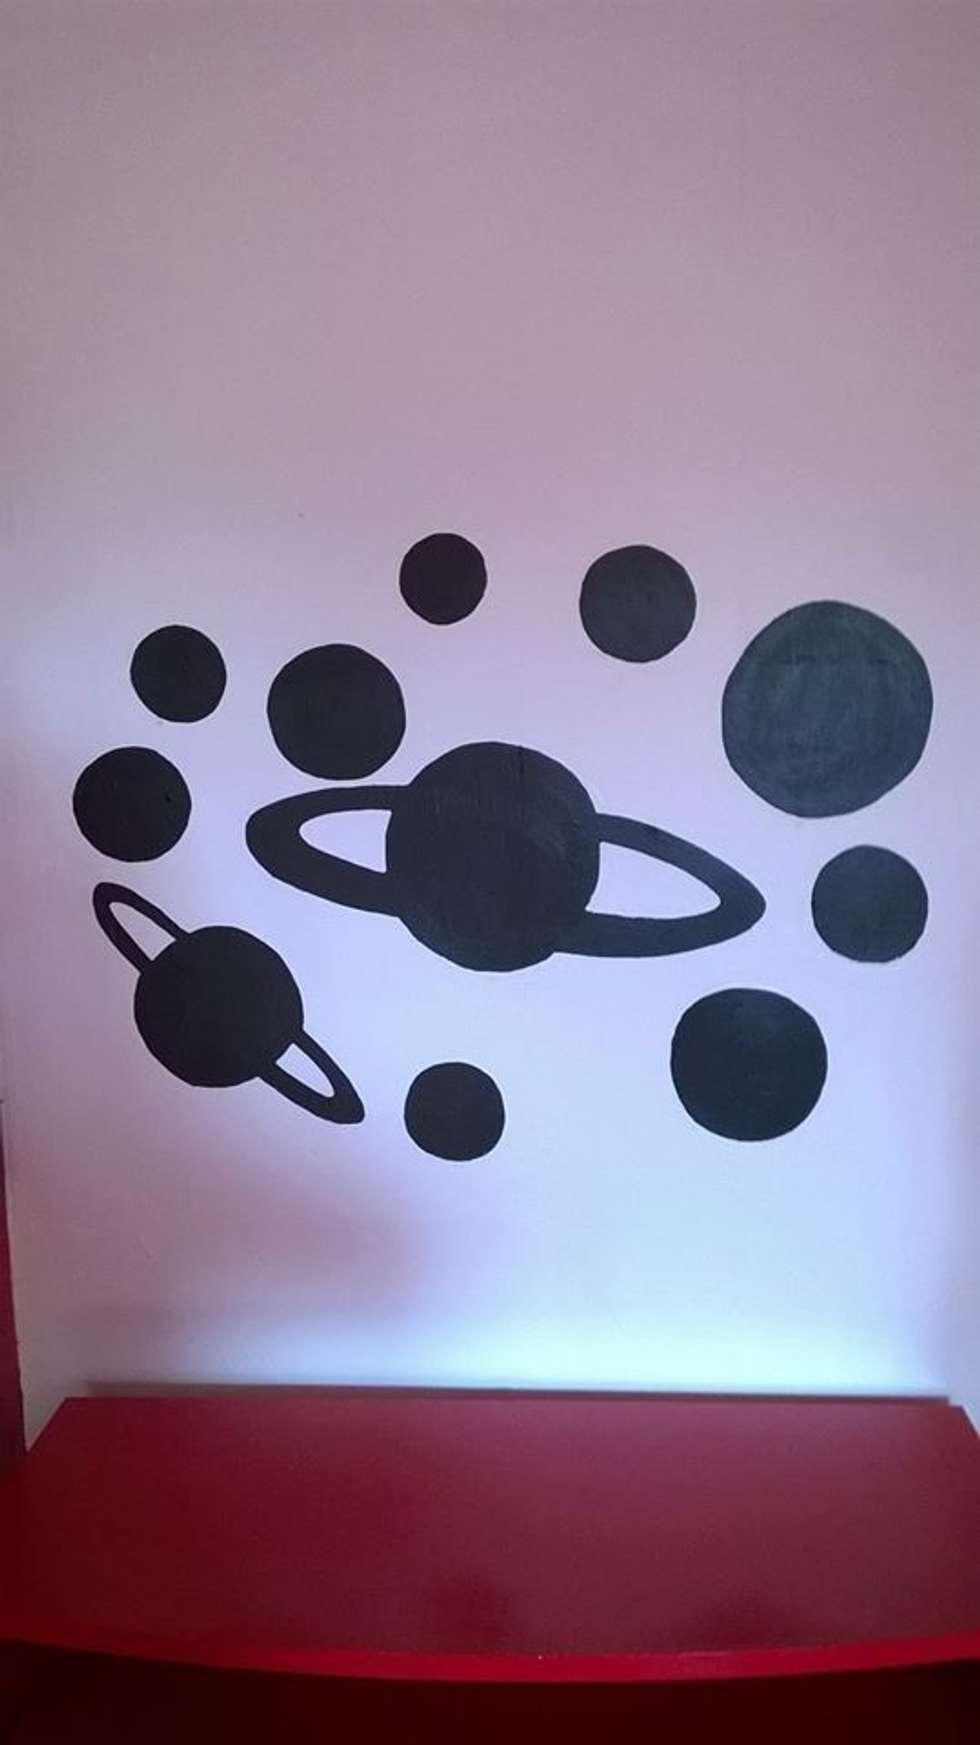 le système solaire en peinture à l'ardoise: Bureau de style de style eclectique par studiomaxdesign